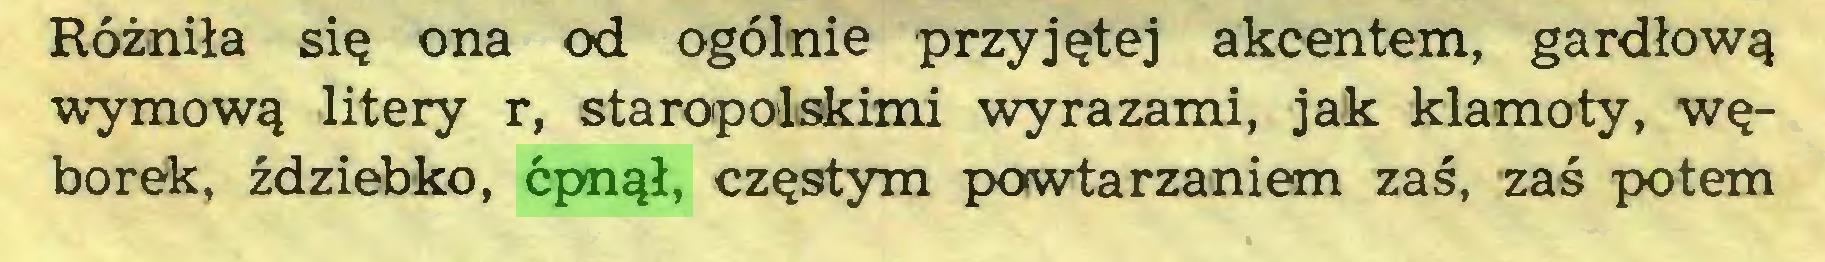 (...) Różniła się ona od ogólnie przyjętej akcentem, gardłową •wymową litery r, staropolskimi wyrazami, jak klamoty, węborek, ździebko, ćpnął, częstym powtarzaniem zaś, zaś potem...